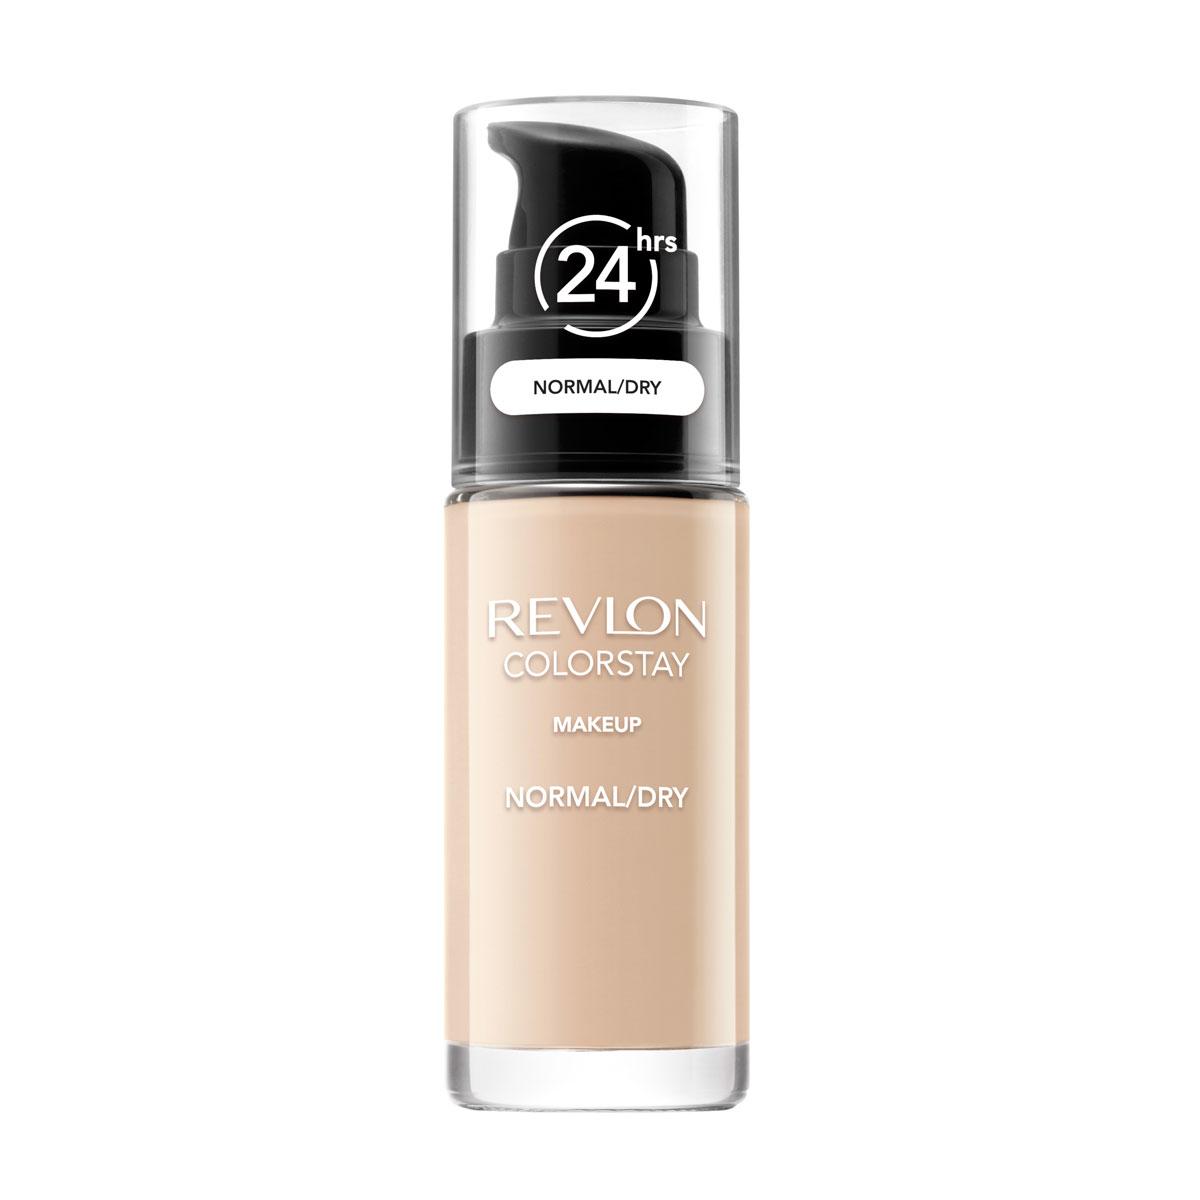 Revlon Тональный Крем для Норм-Сух Кожи Colorstay Makeup For Normal-Dry Skin Ivory 110 30 мл7221553001Colorstay Make Up For Normal / Dry Skin - тональный крем с удивительно легкой текстурой идеально выравнивает тон и рельеф кожи, обеспечивая ей при этом должный уровень увлажнения. Colorstay дарит коже приятную матовость, сохраняет макияж безупречным надолго. Новая технология поддерживает баланс кожи, обеспечивая свежий и естественный вид. Продукт номер 1 по стойкости, обеспечивает идеальное покрытие в течение 24 часов без повторного нанесения!С SPF фактором. Предназначен для сухой и нормальной кожи.